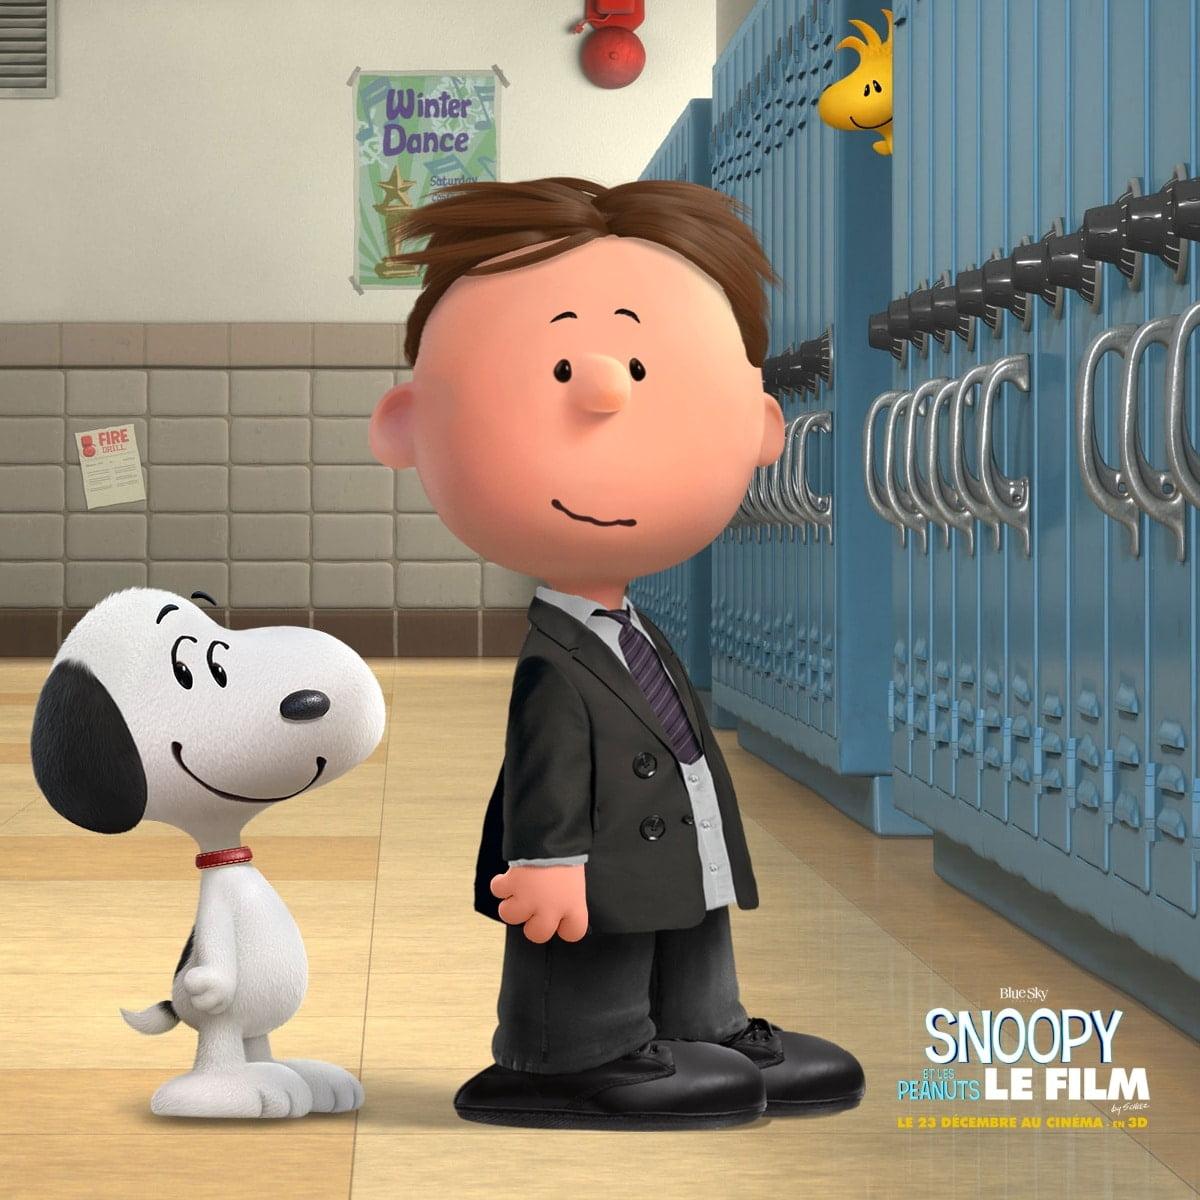 peanutize-me-profile-picture Créez votre avatar façon Snoopy avec Peanutize Me